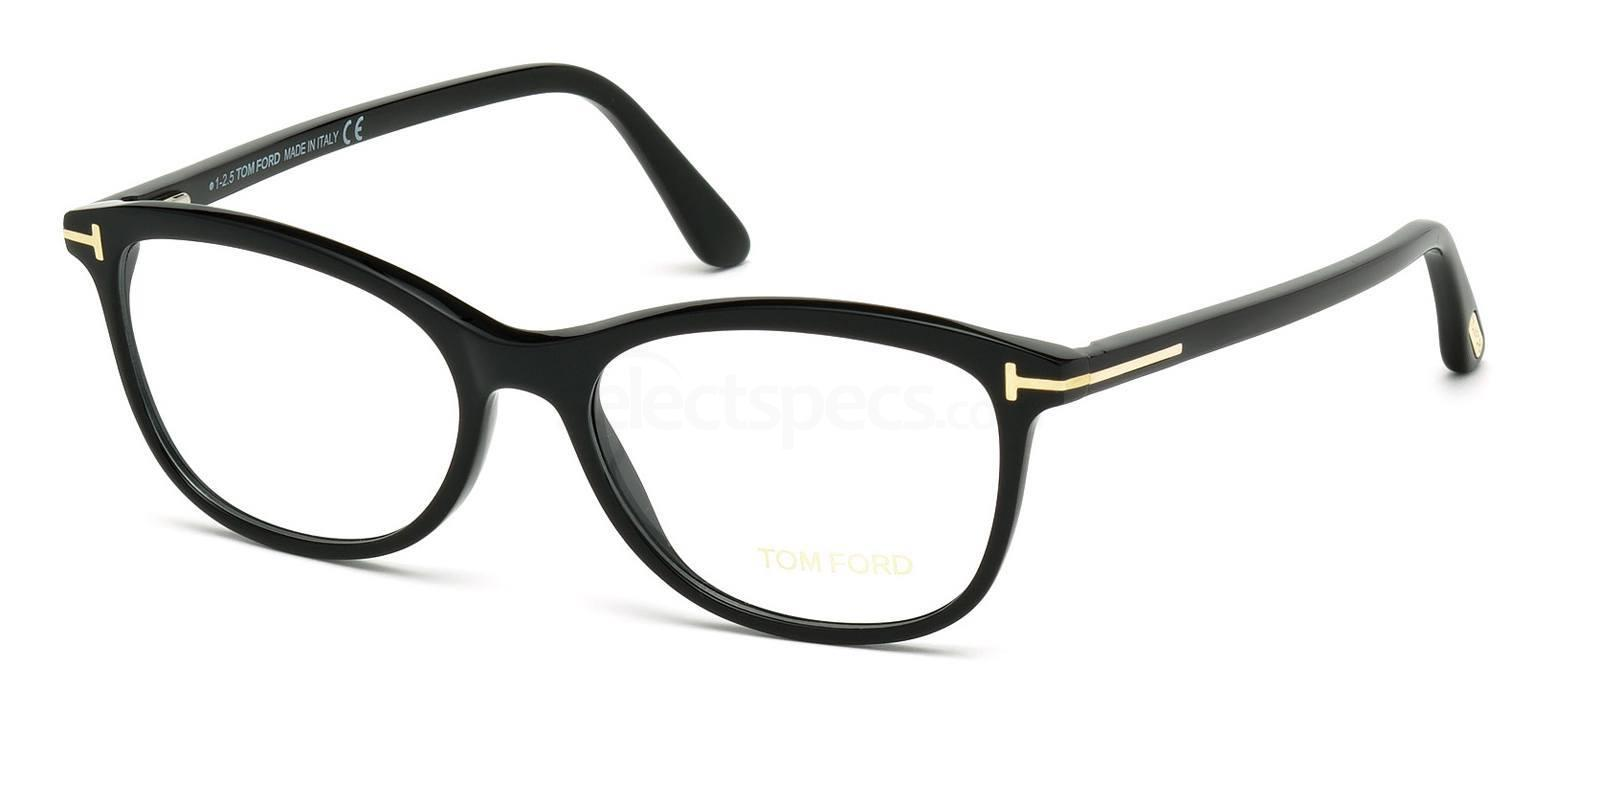 001 FT5388 Glasses, Tom Ford